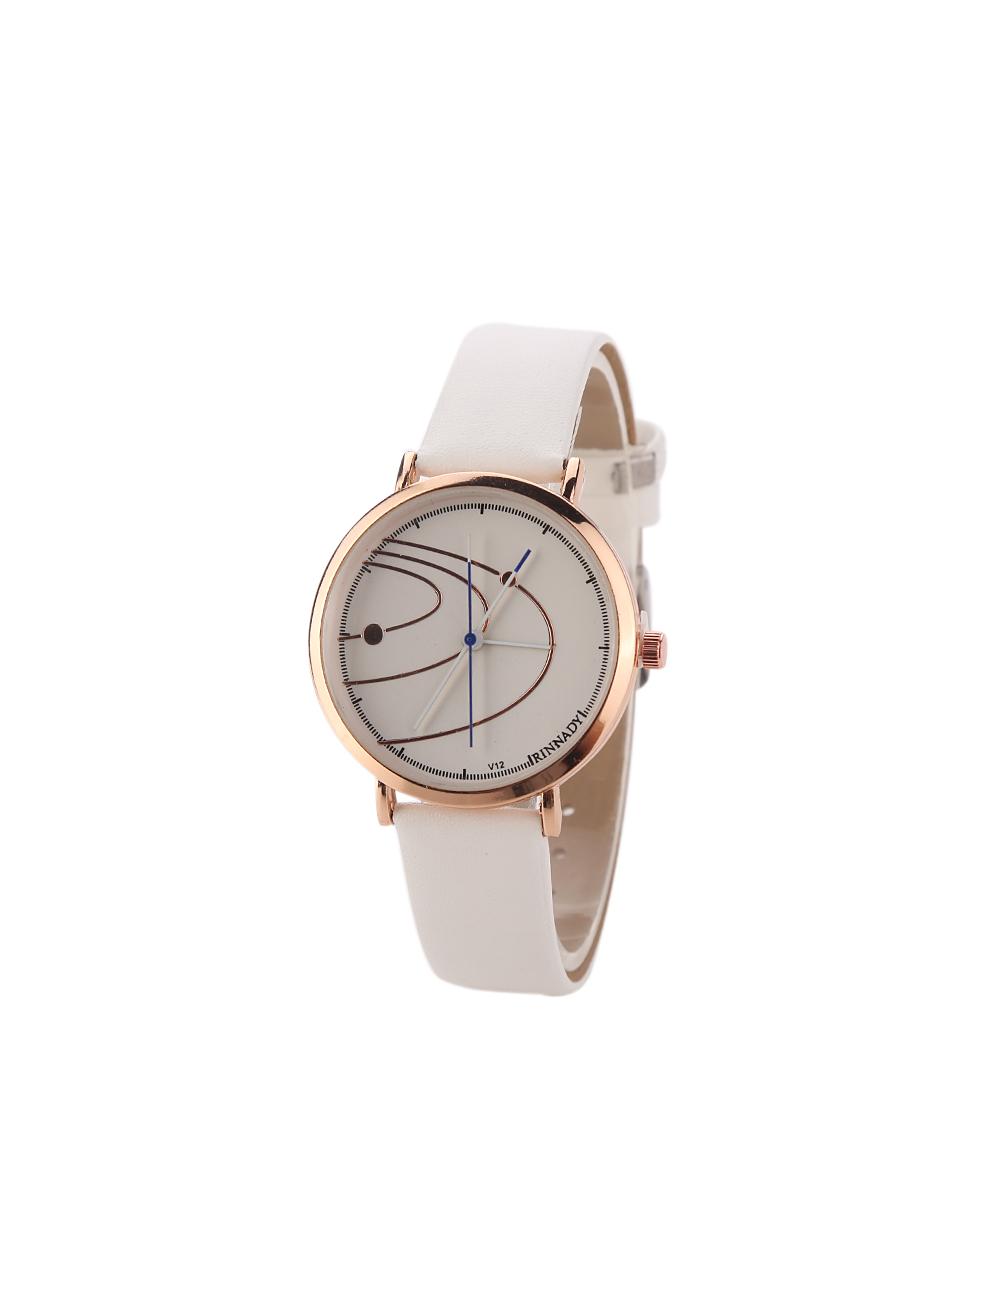 Reloj Órbita Dayoshop $33.900